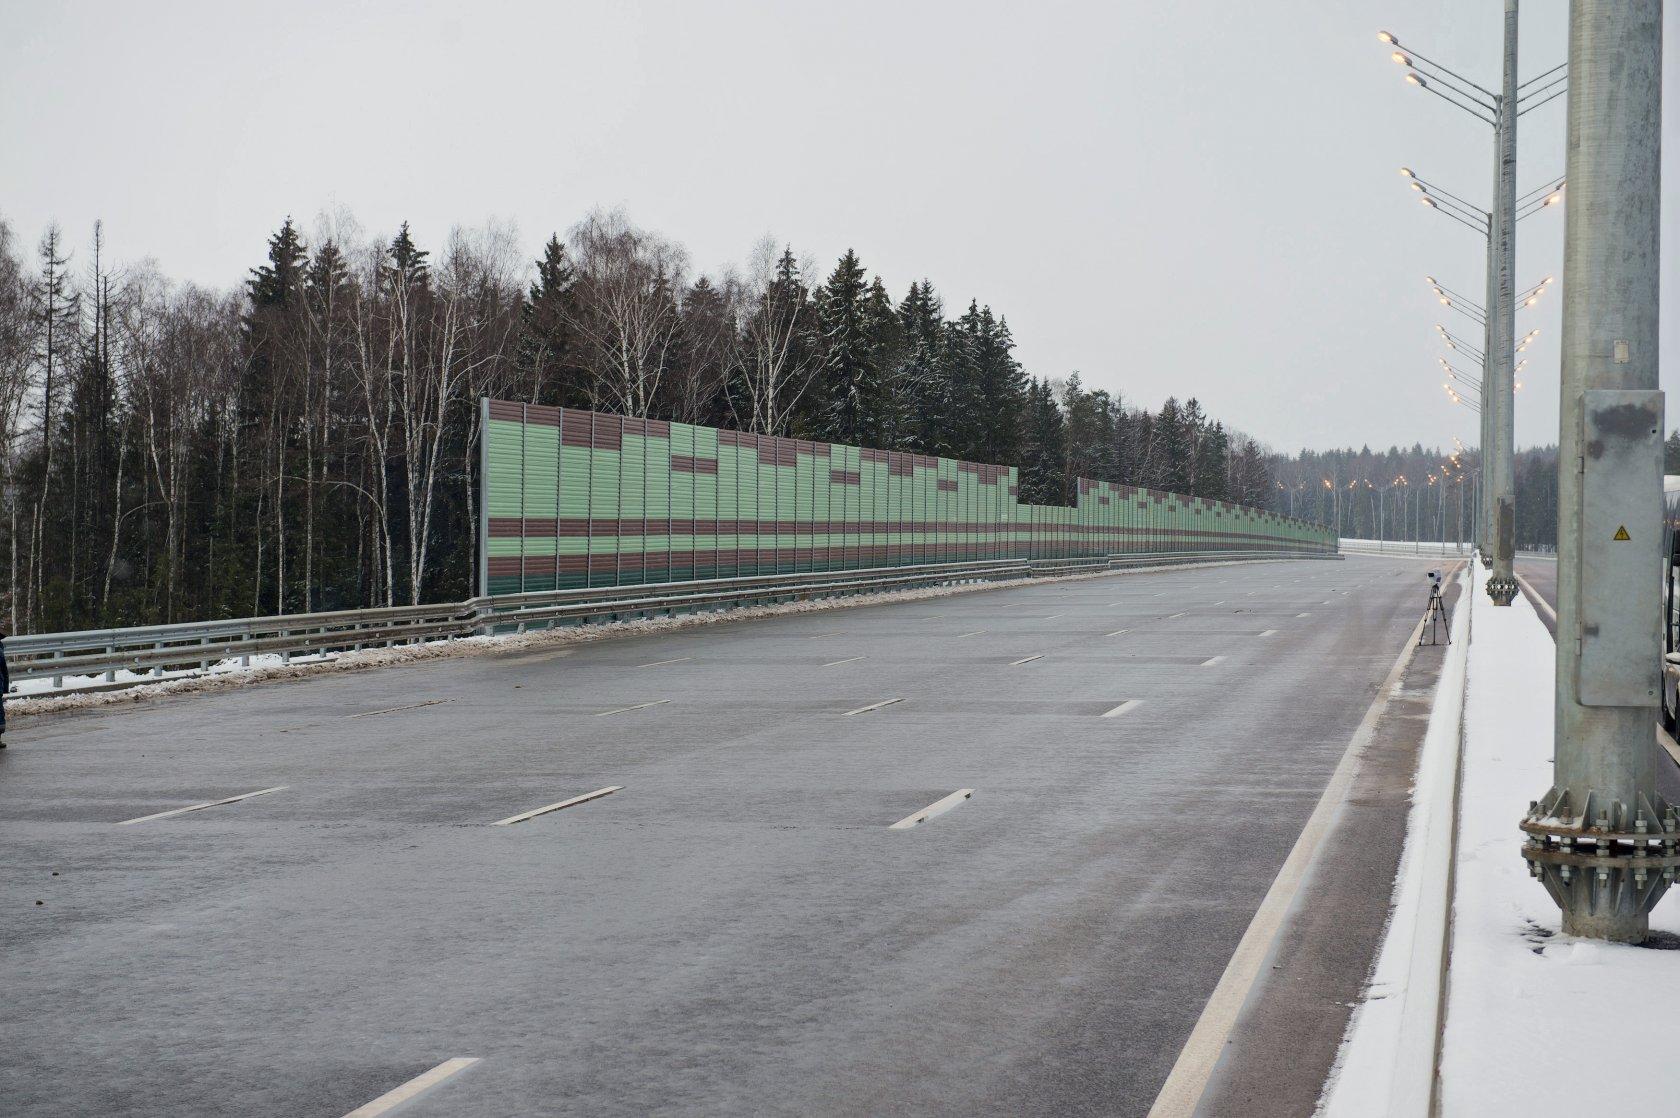 По итогам 2017 года в дорожный фонд страны планируется собрать около 34 млрд руб.